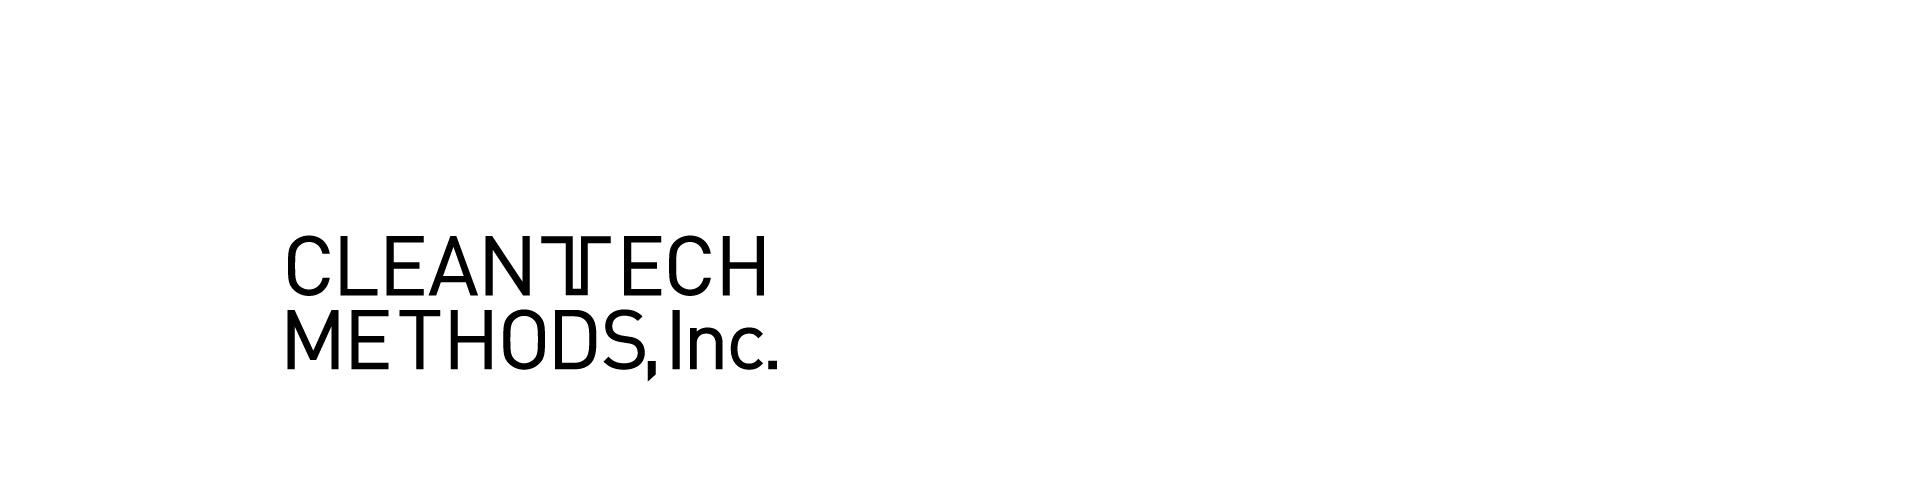 cleantech composites-07